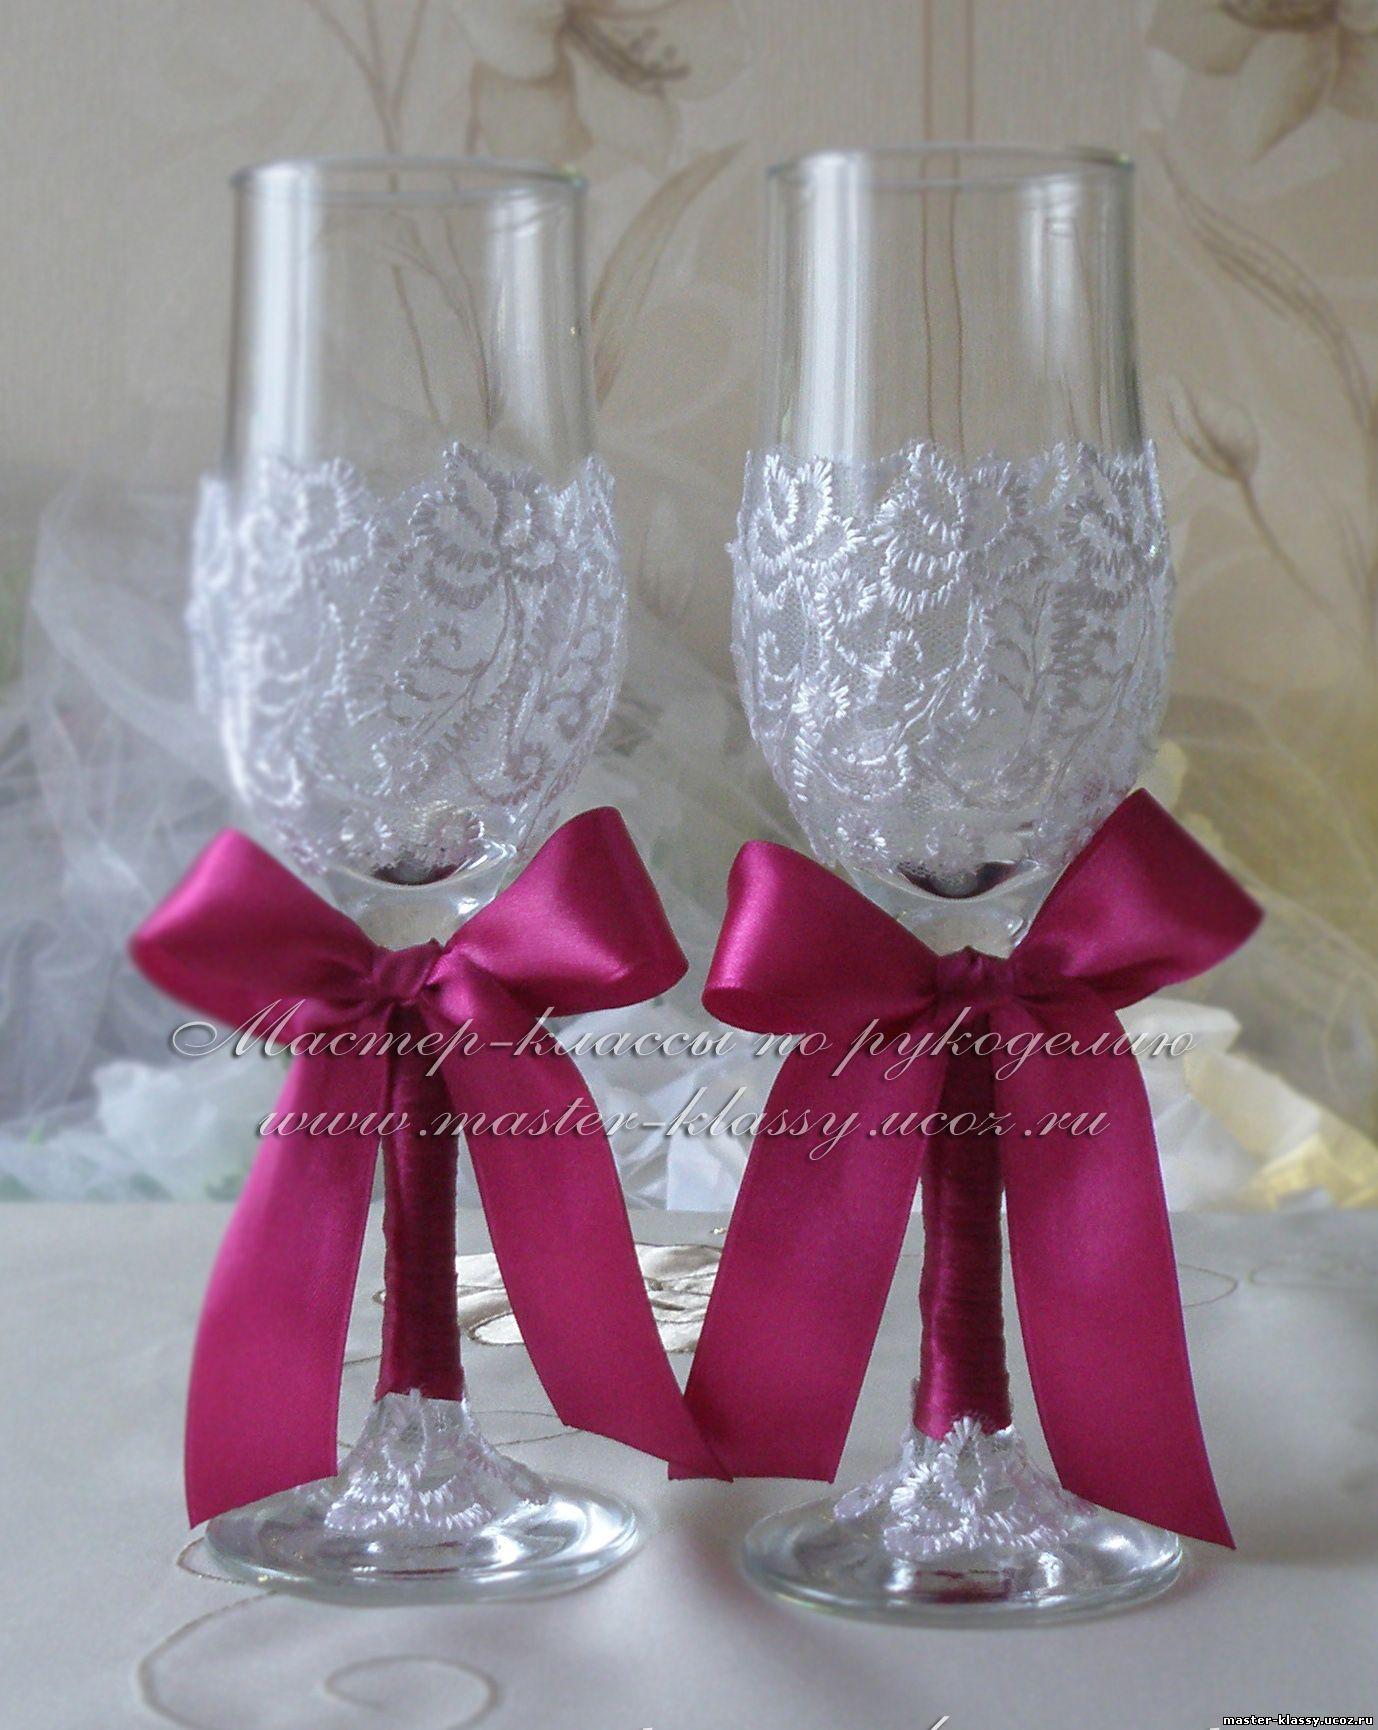 Мастер класс по украшению свадебные бокалы